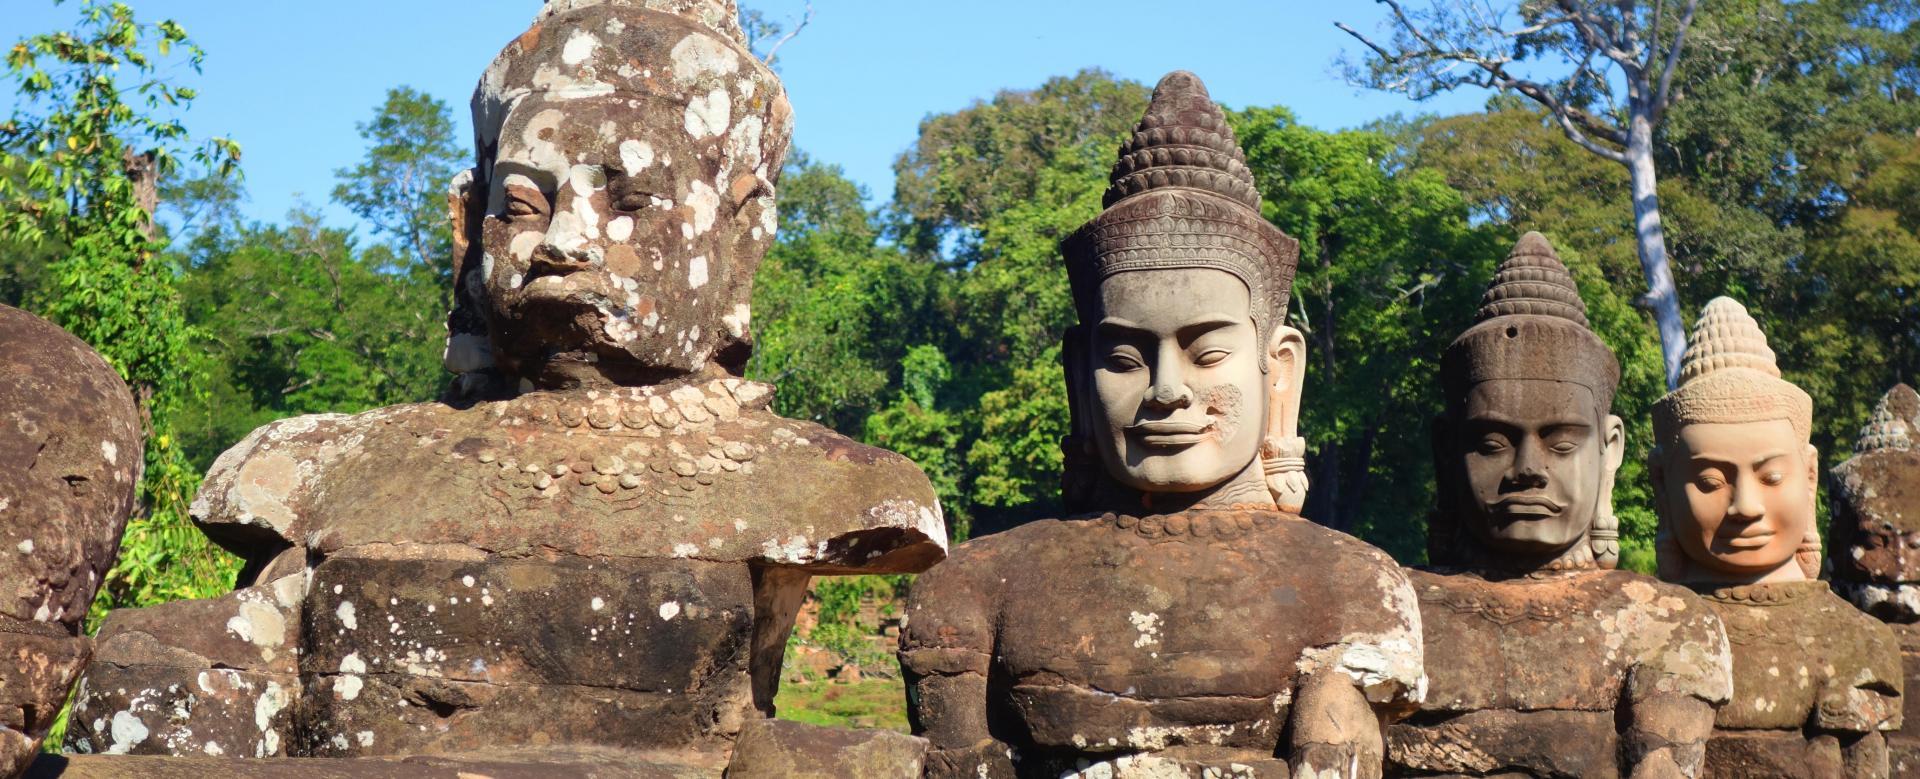 Voyage en véhicule : Cambodge : Angkor à vélo en toute liberté